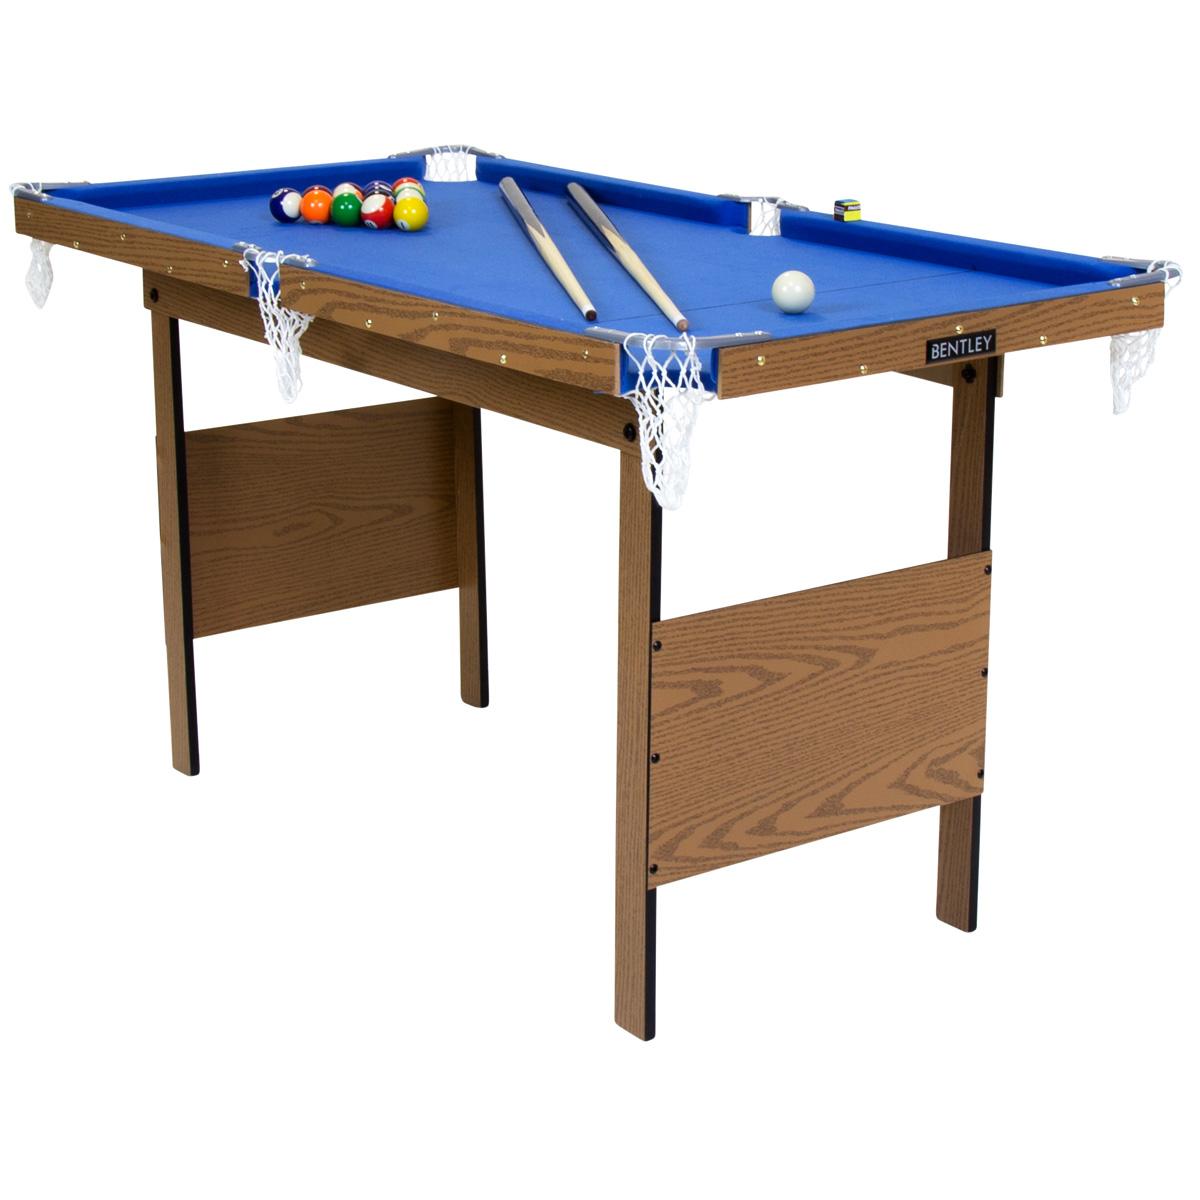 Poolbillard tisch indoor kugeln mit punkten streifen for Garten pool 2m